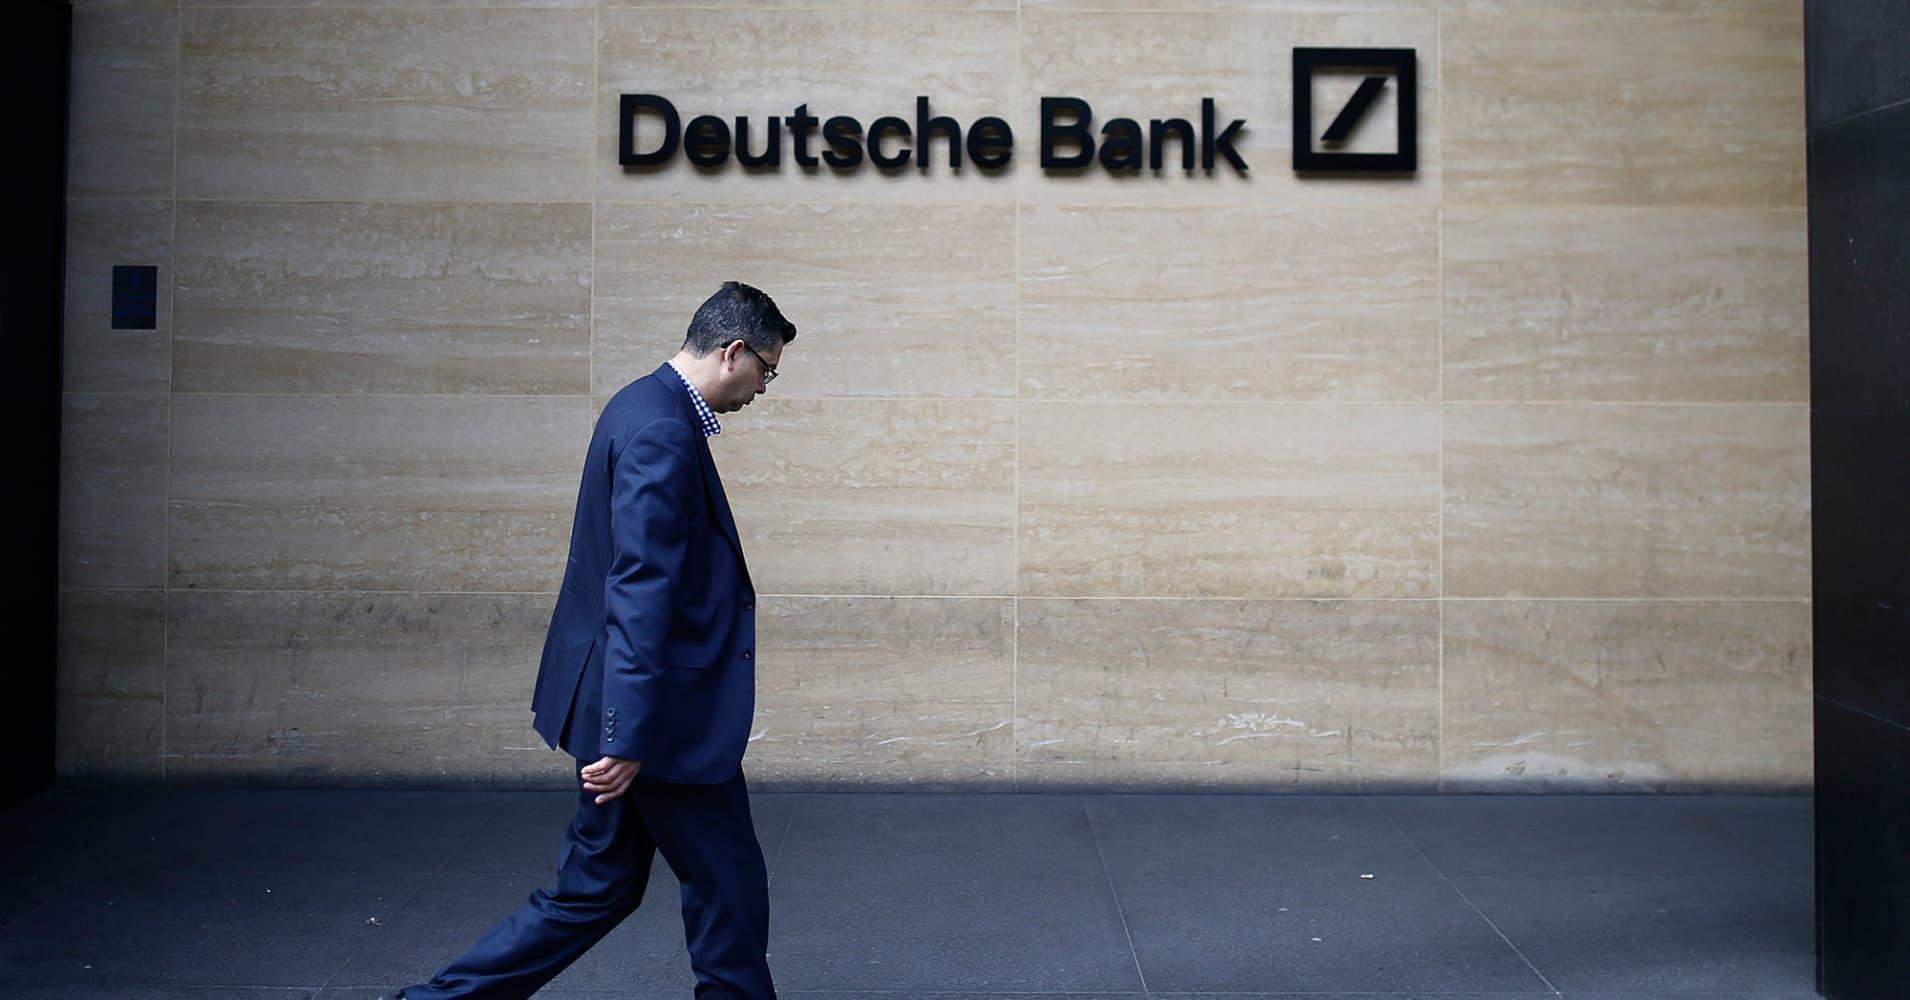 Deutsche Bank swings to first full-year net profit since 2014